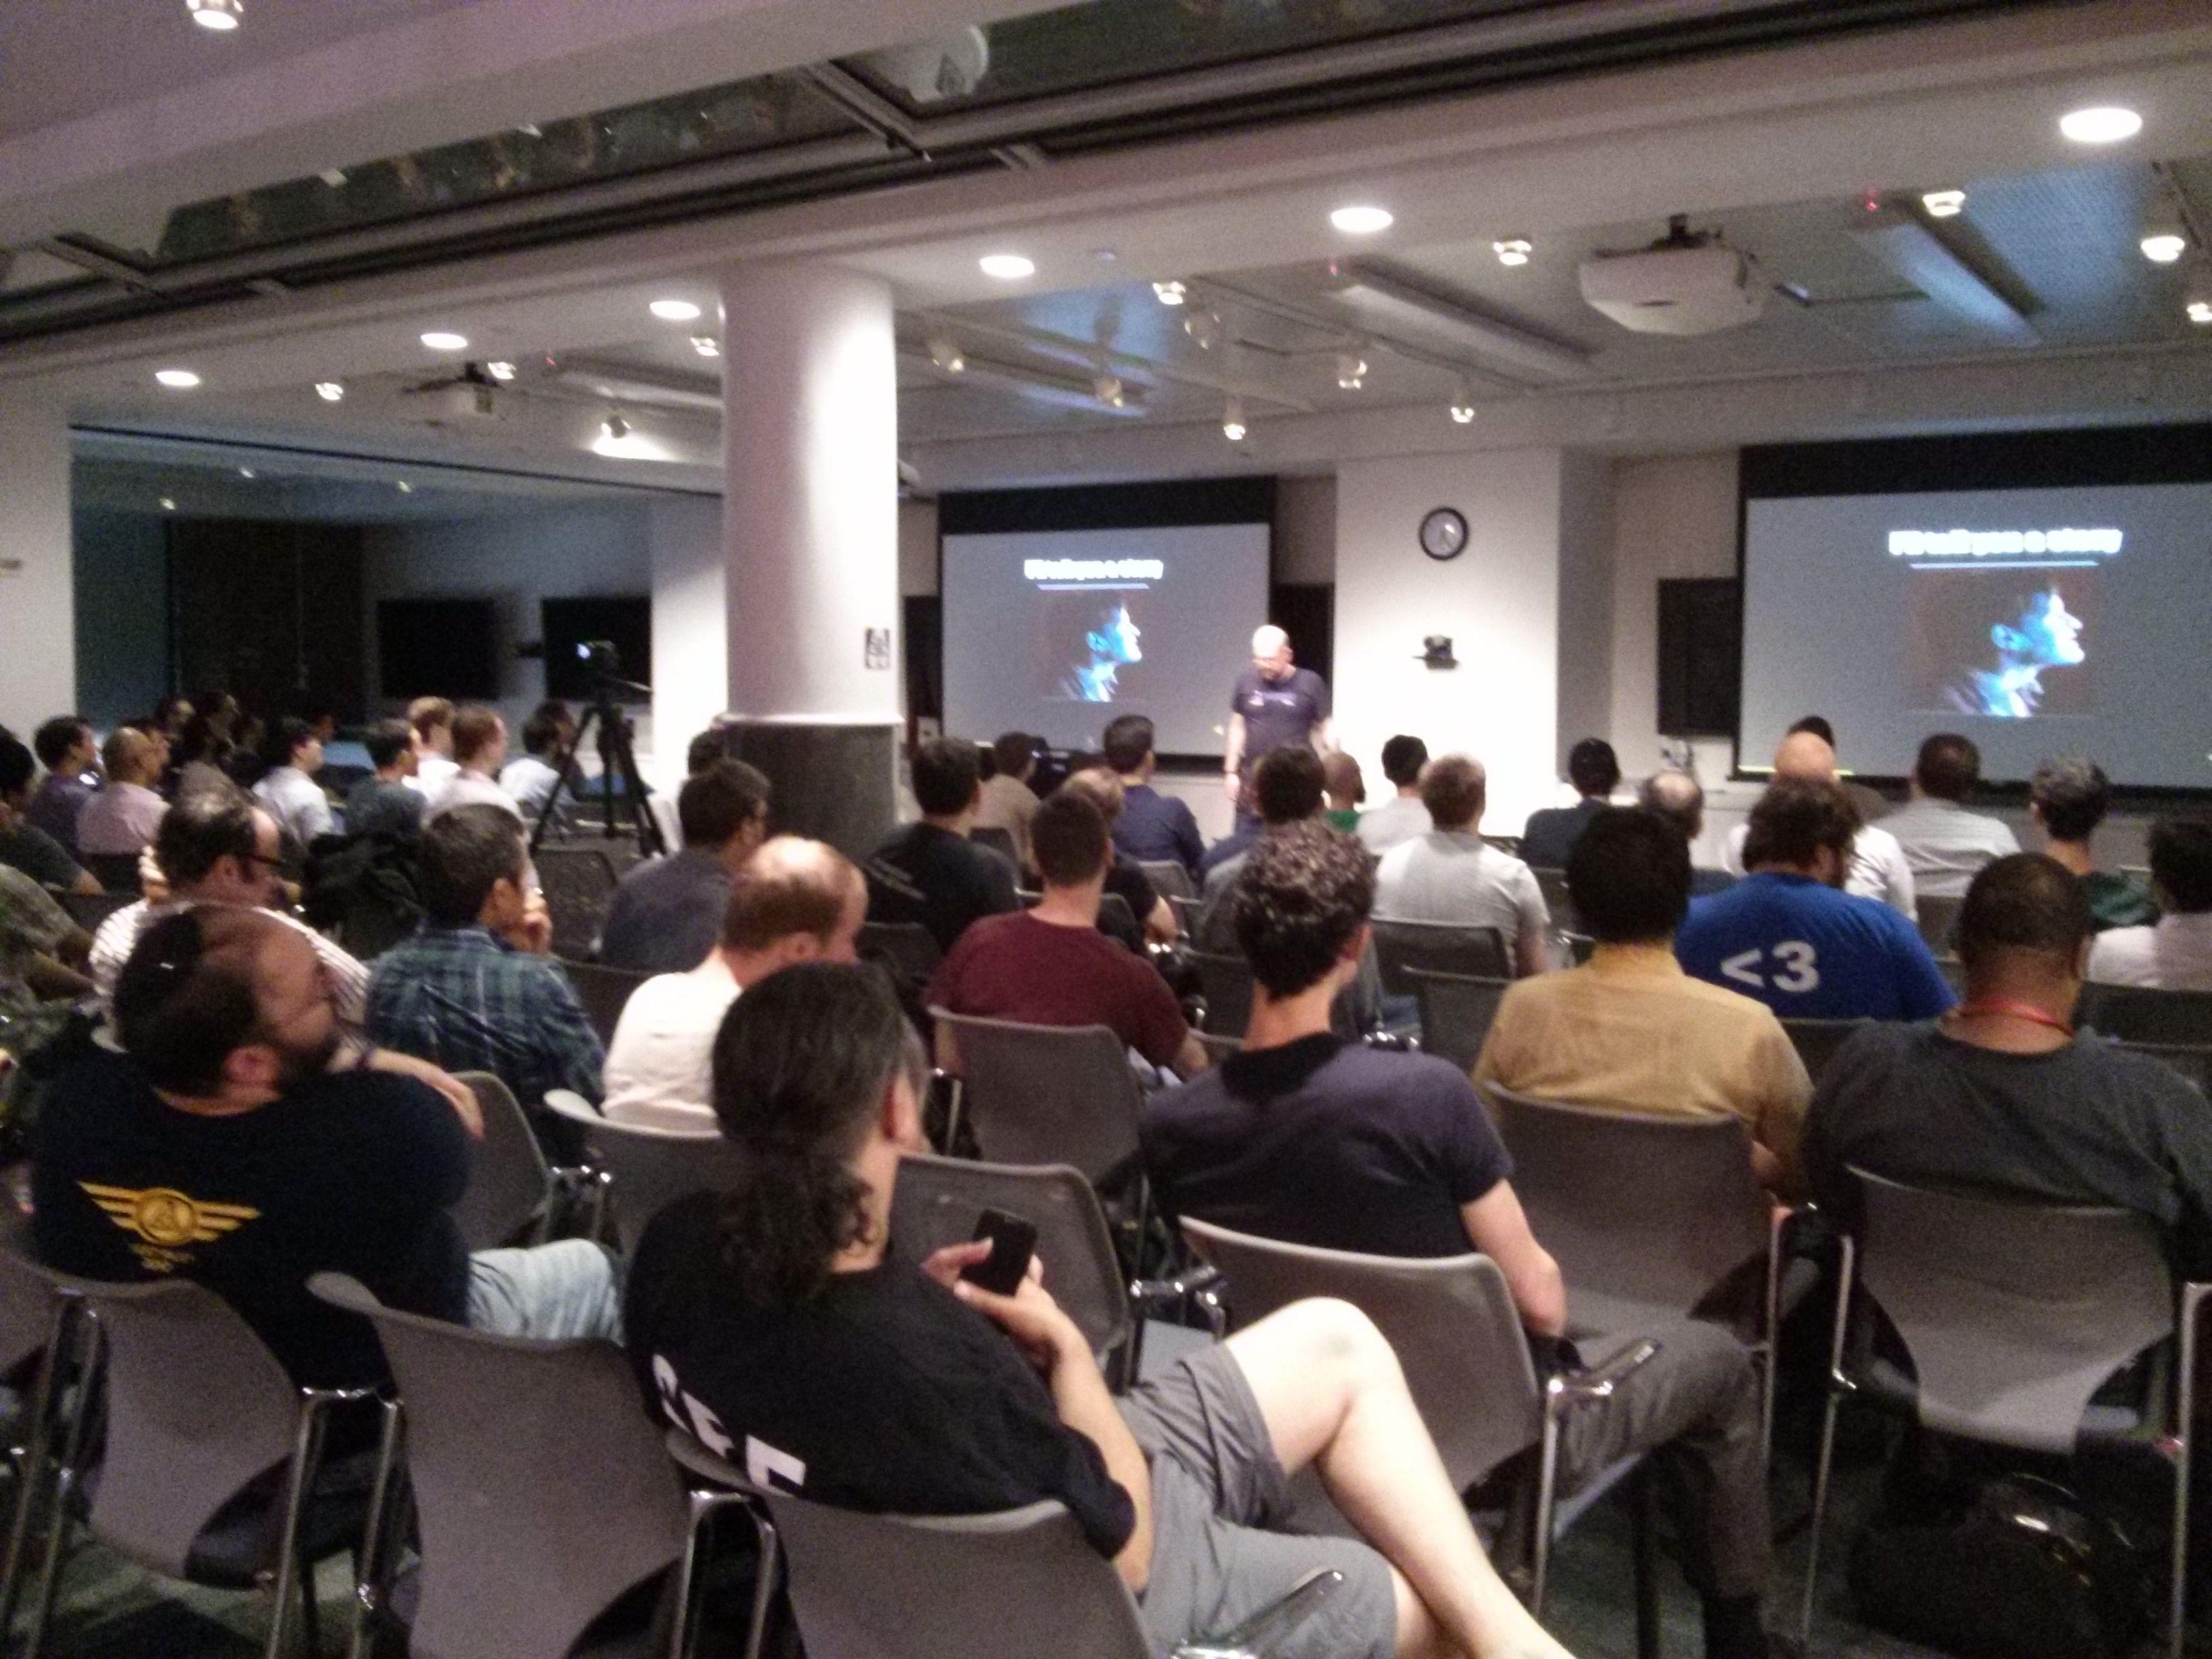 NYLUG - New York Linux Users Group